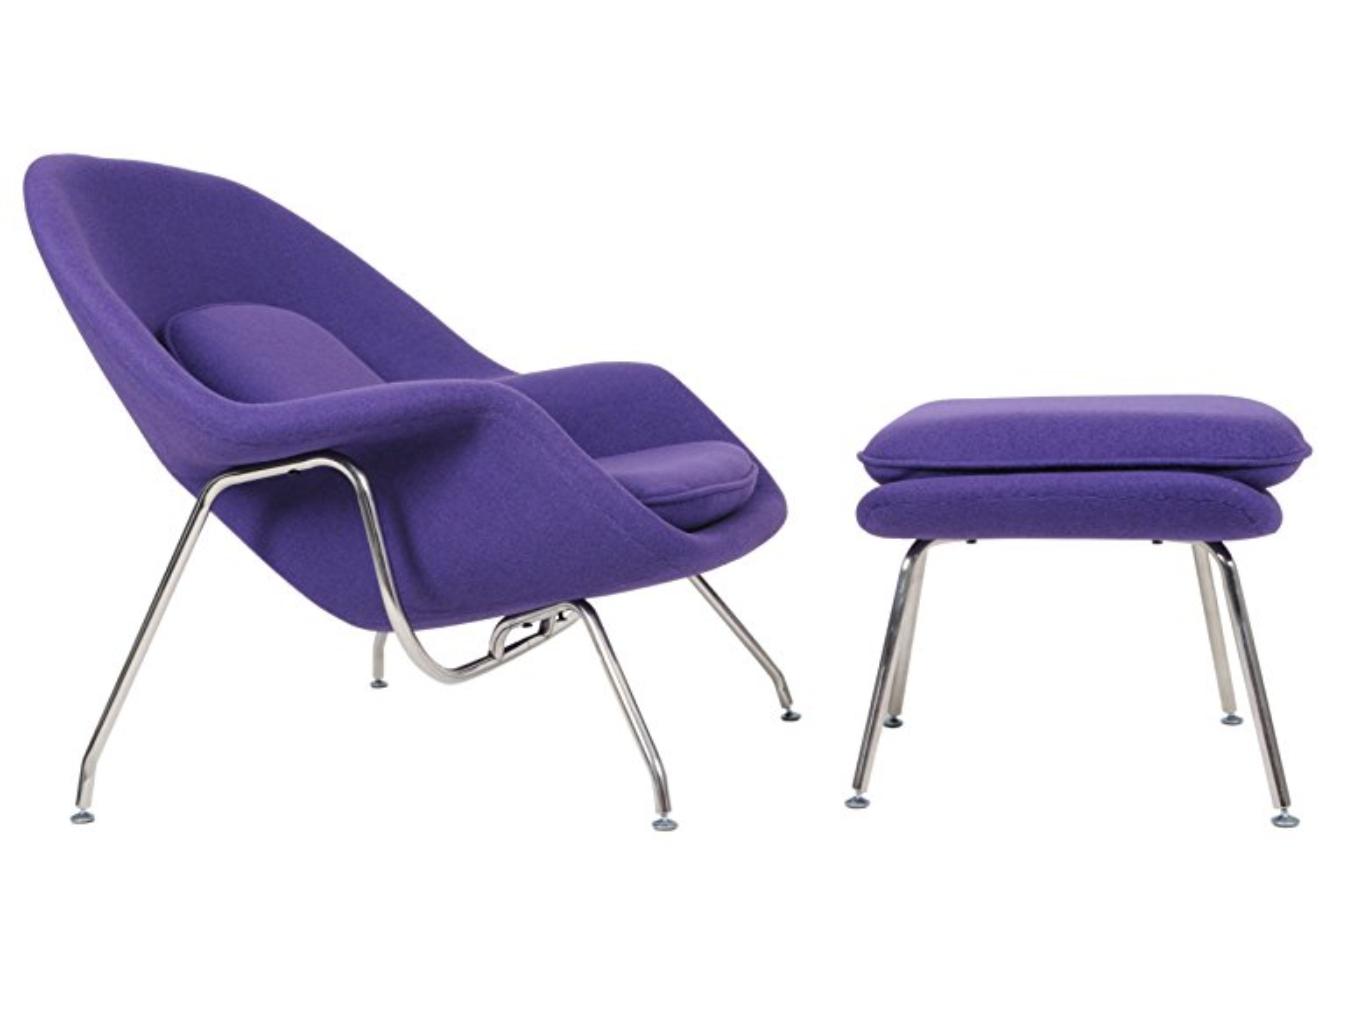 Womb Chair, Eero Saarinen